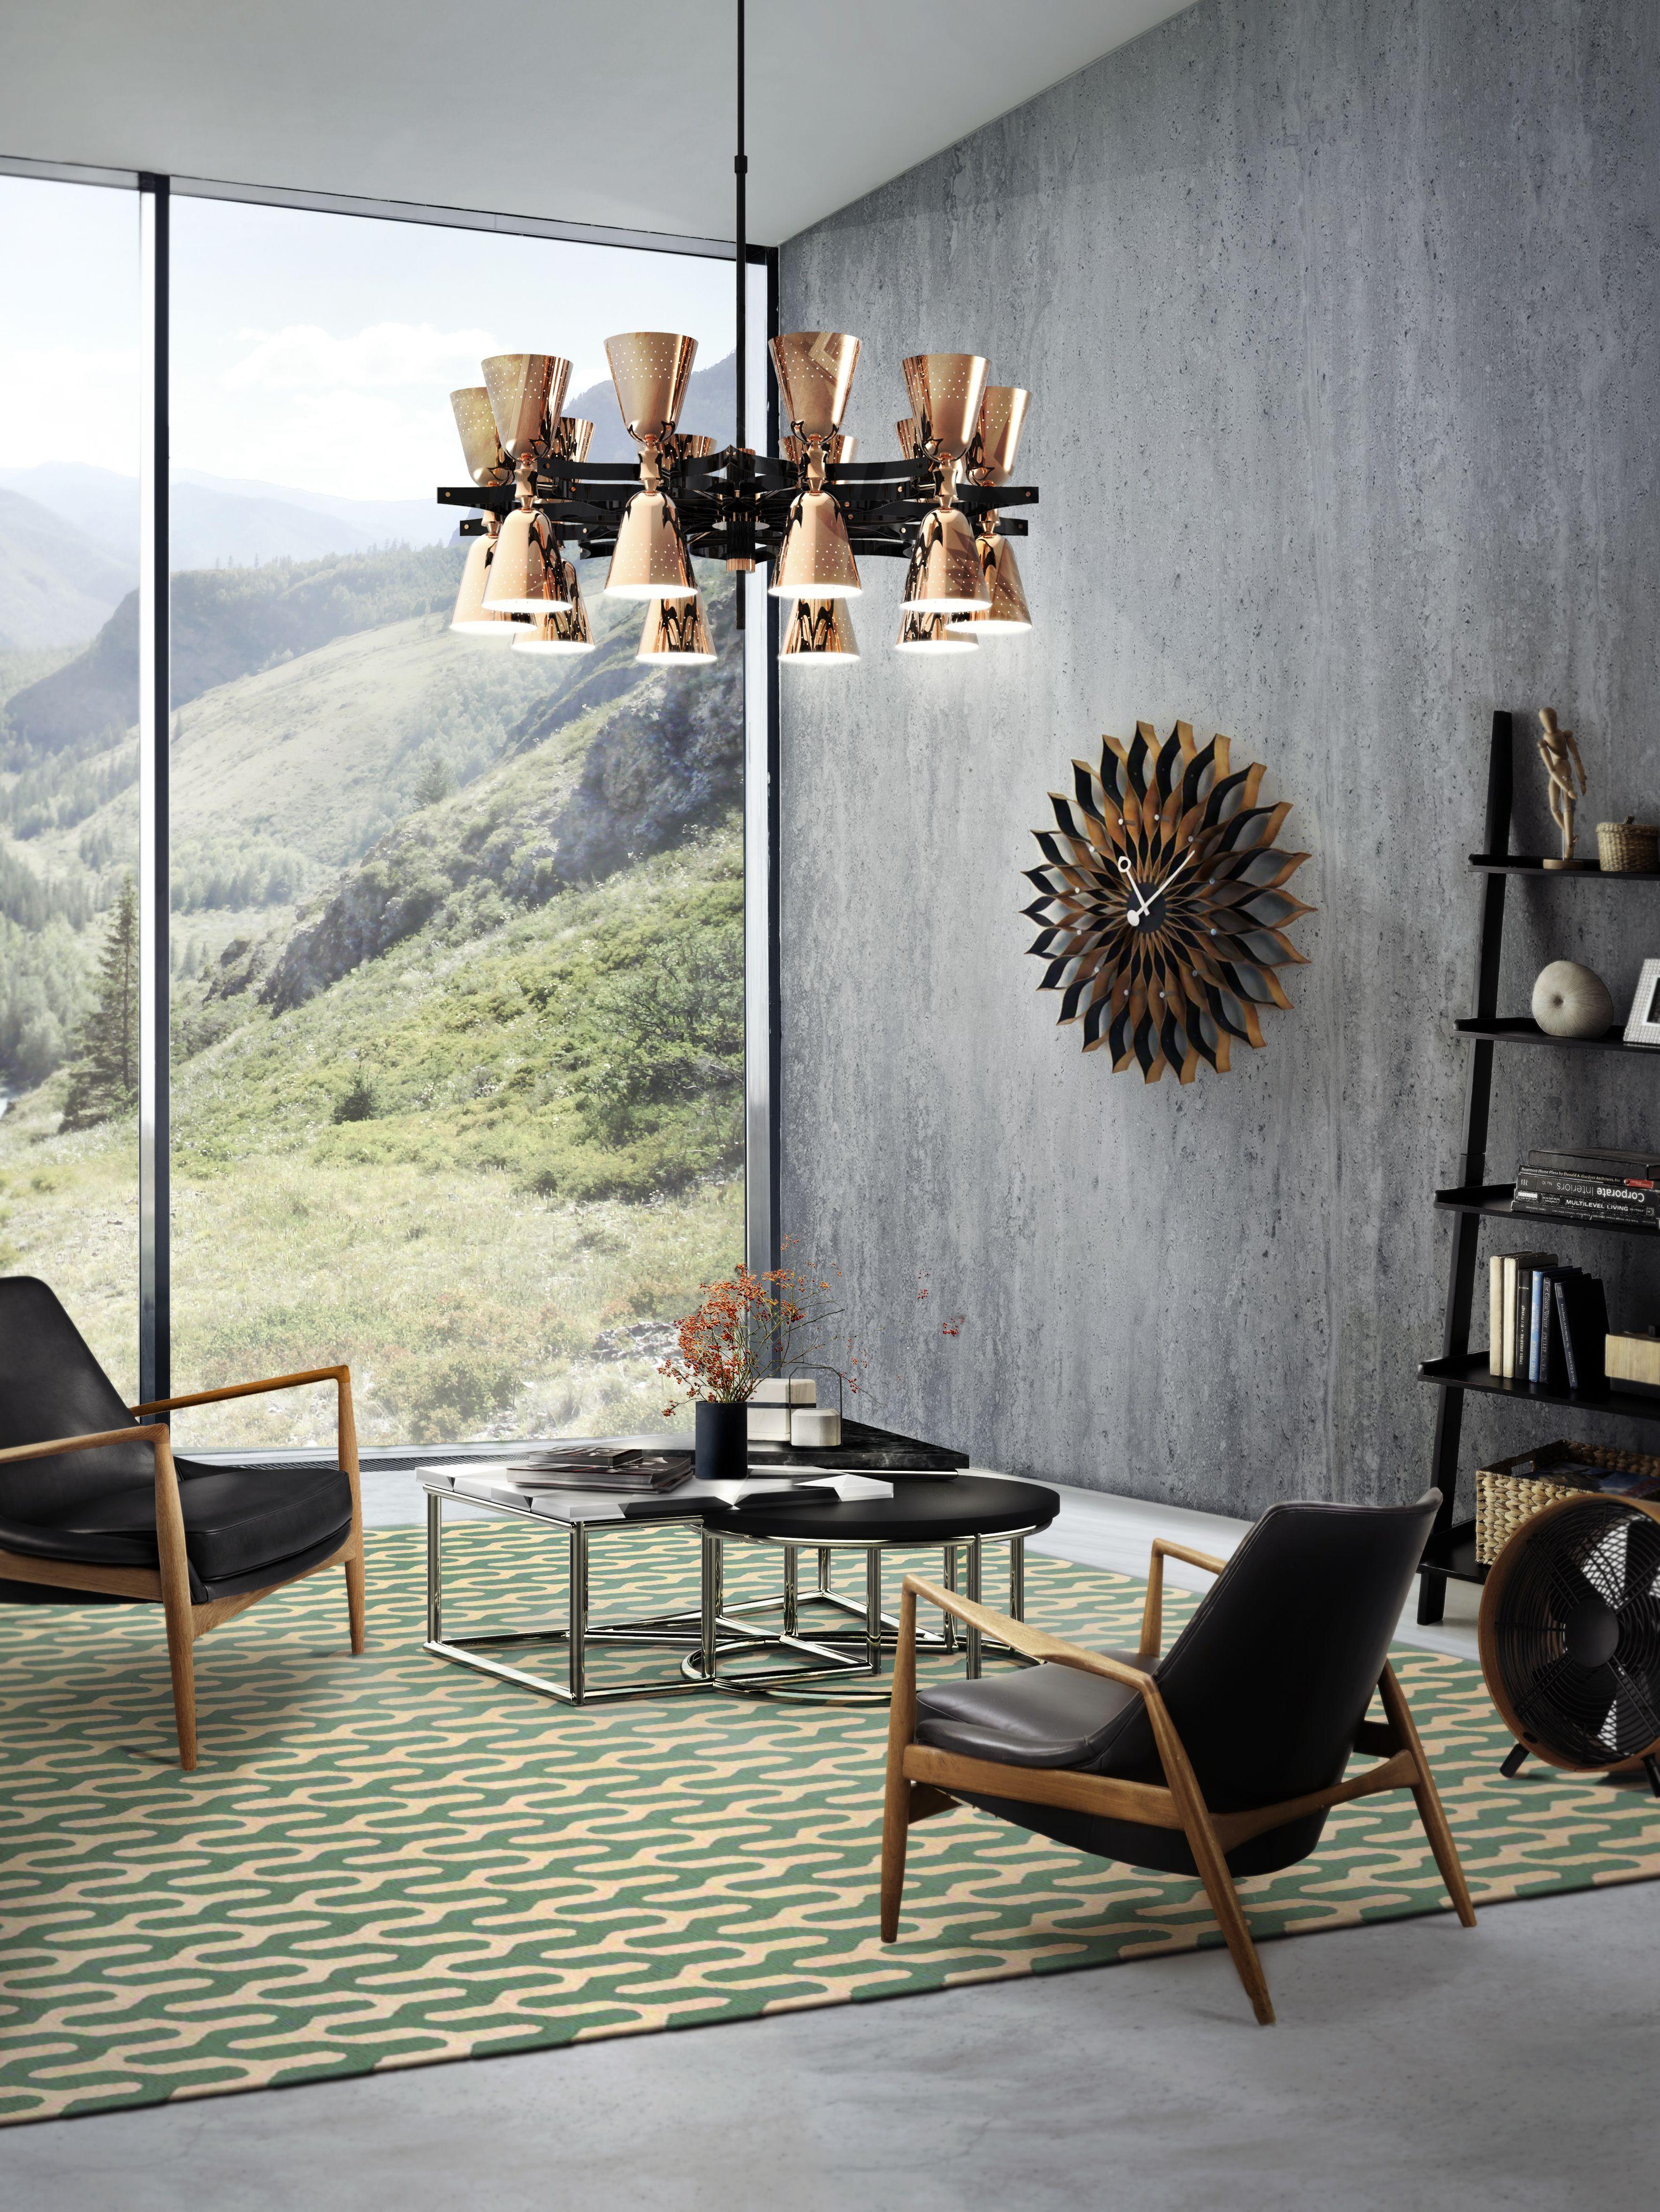 Herbst 2017: Luxuriöse Wohnzimmer Für Den Herbst | Wohnzimmer Ideen | Luxus  Möbel | Klassisch Modern | Eklektisch | Herbst Winter 2017 2018 ...